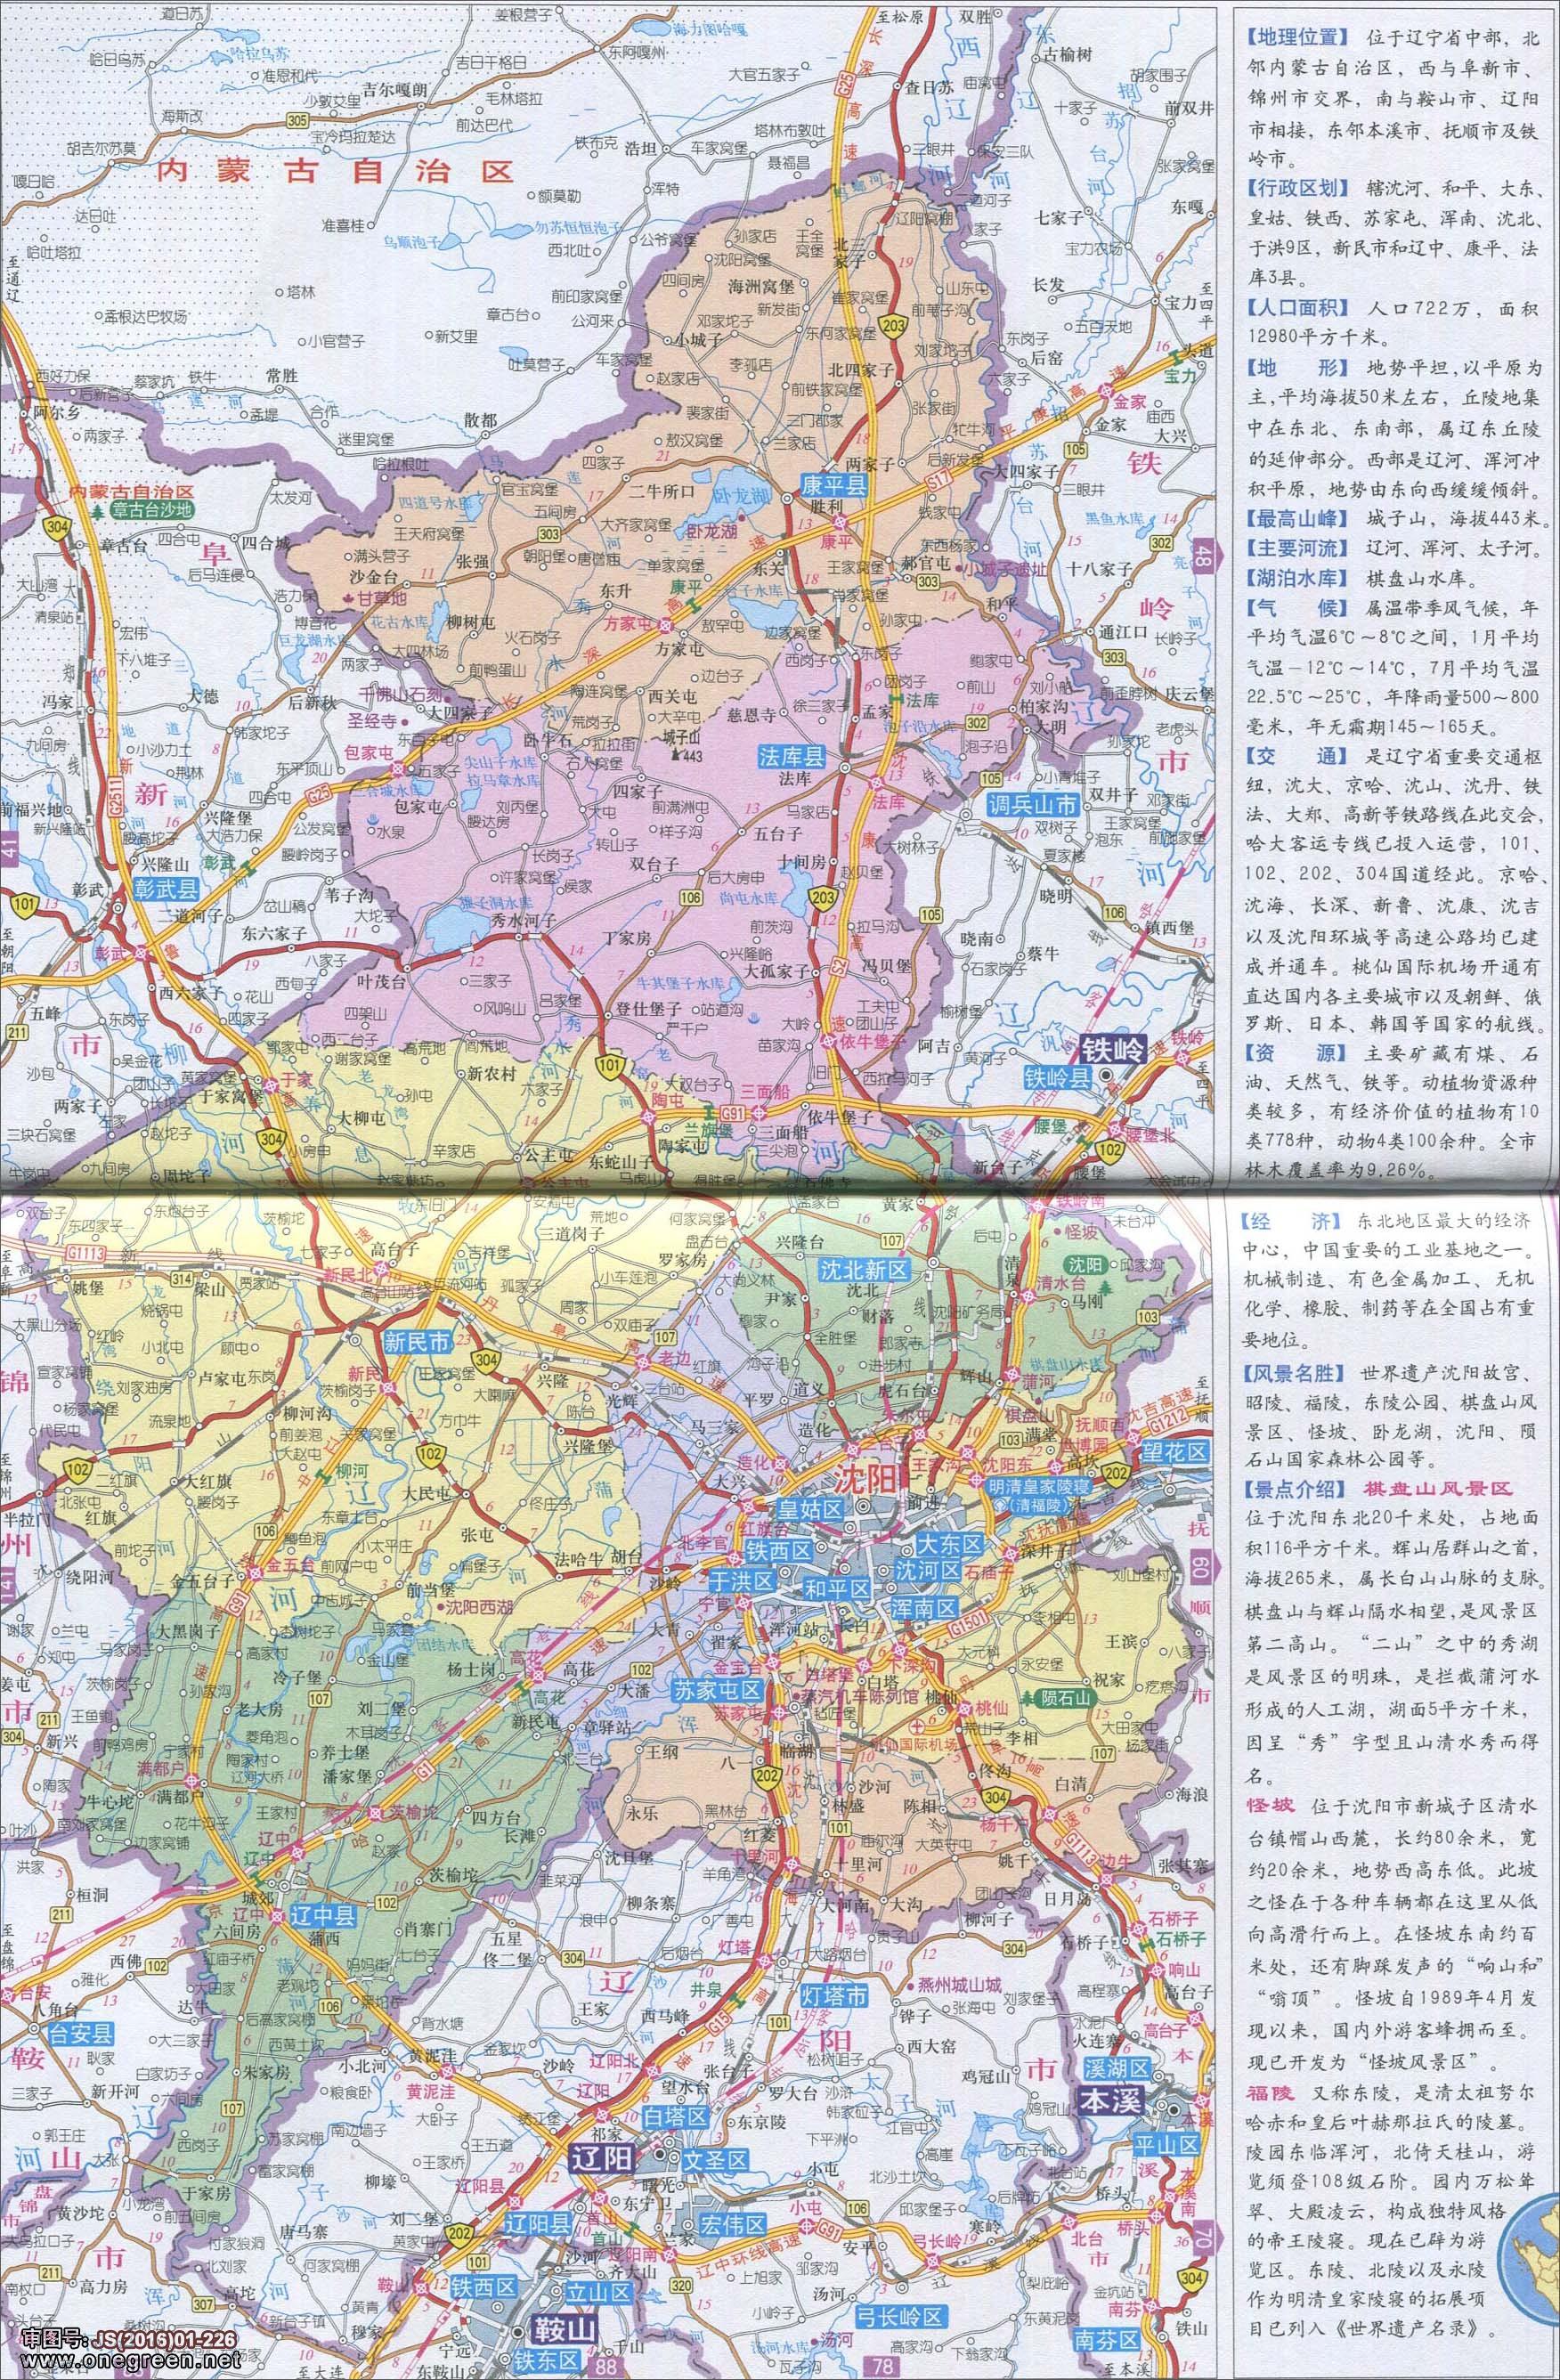 锦州  营口  阜新  辽阳  盘锦  铁岭  朝阳  葫芦岛 上一张地图: 没